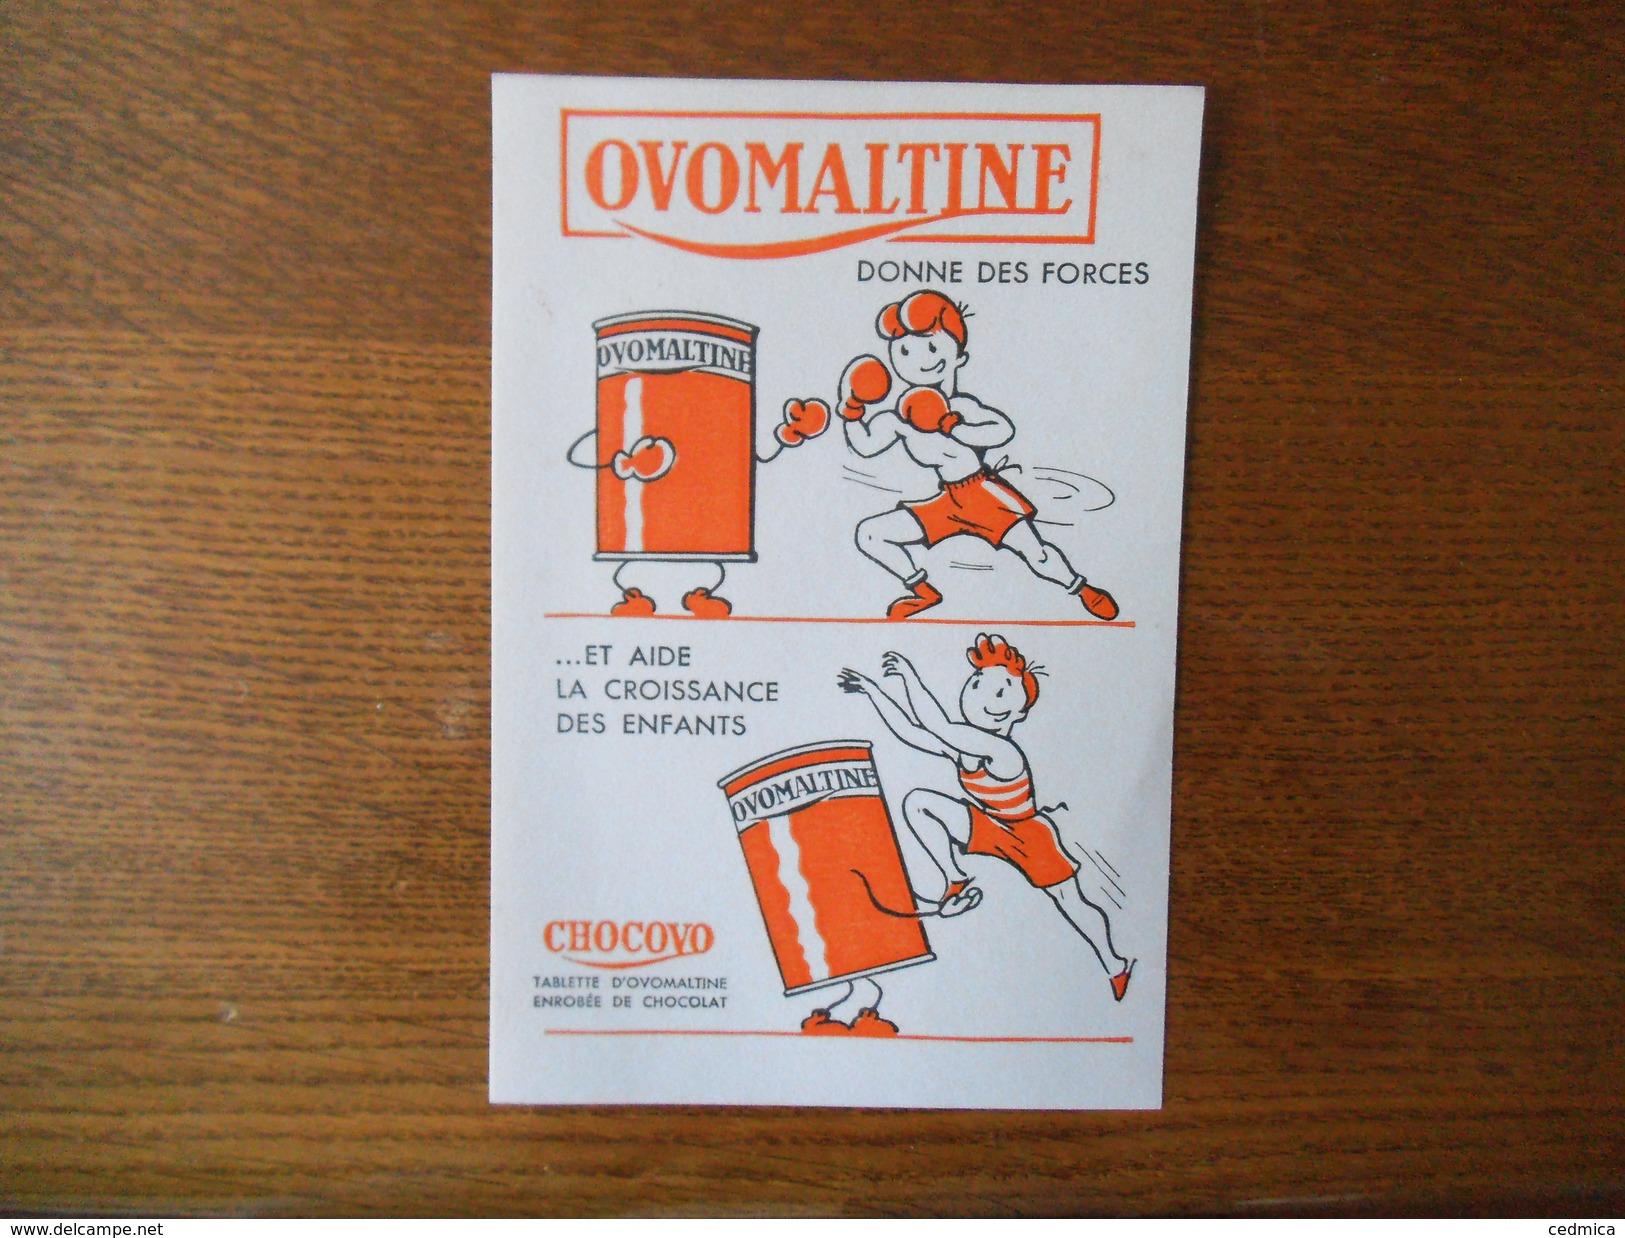 OVOMALTINE DONNE DES FORCES ET AIDE A LA CROISSANCE DES ENFANTS CHOCOVO TABLETTE D'OVOMALTINE ENROBEE DE CHOCOLAT - Buvards, Protège-cahiers Illustrés